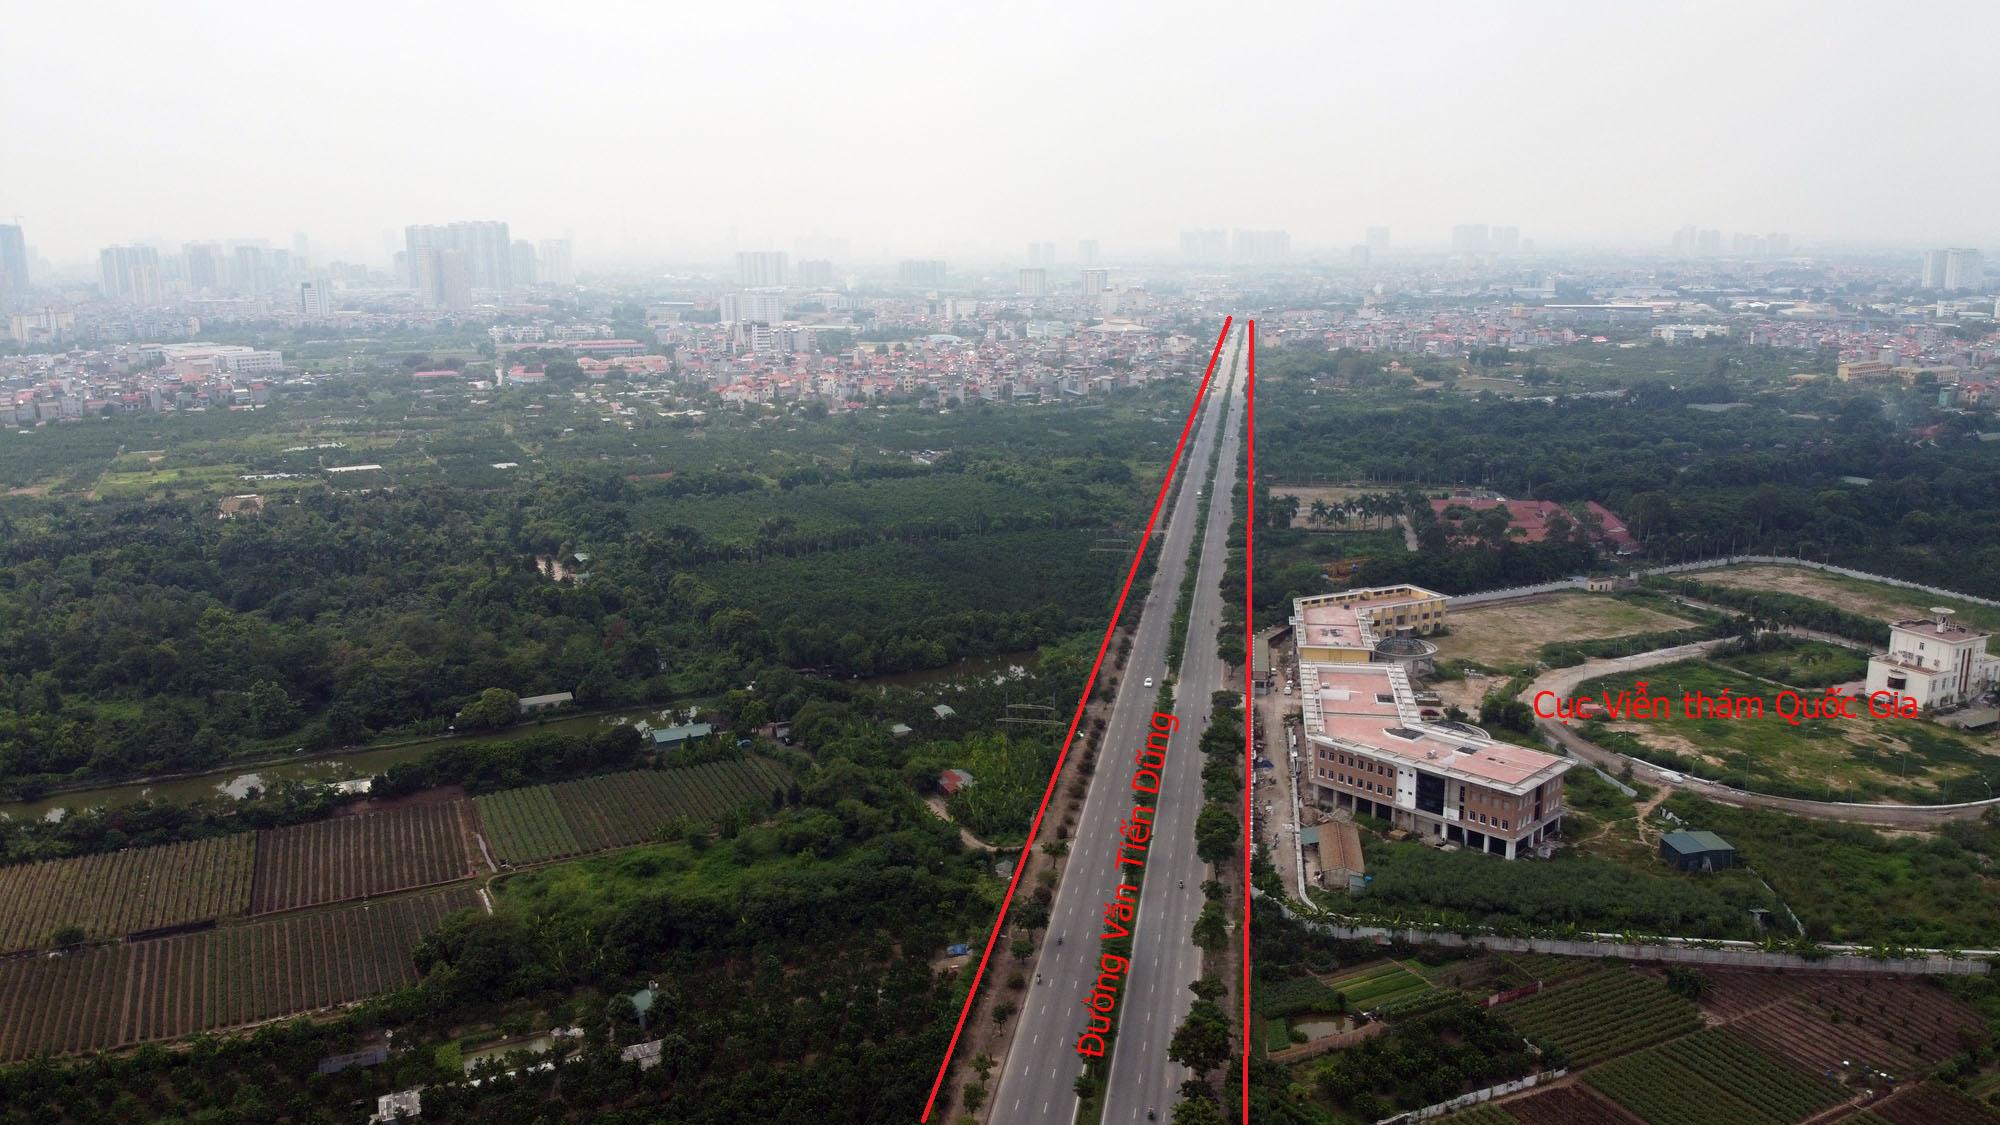 Đường sẽ mở theo qui hoạch ở Hà Nội: Toàn cảnh đường nối trục Tây Thăng Long đến gần Vành đai 4 - Ảnh 3.